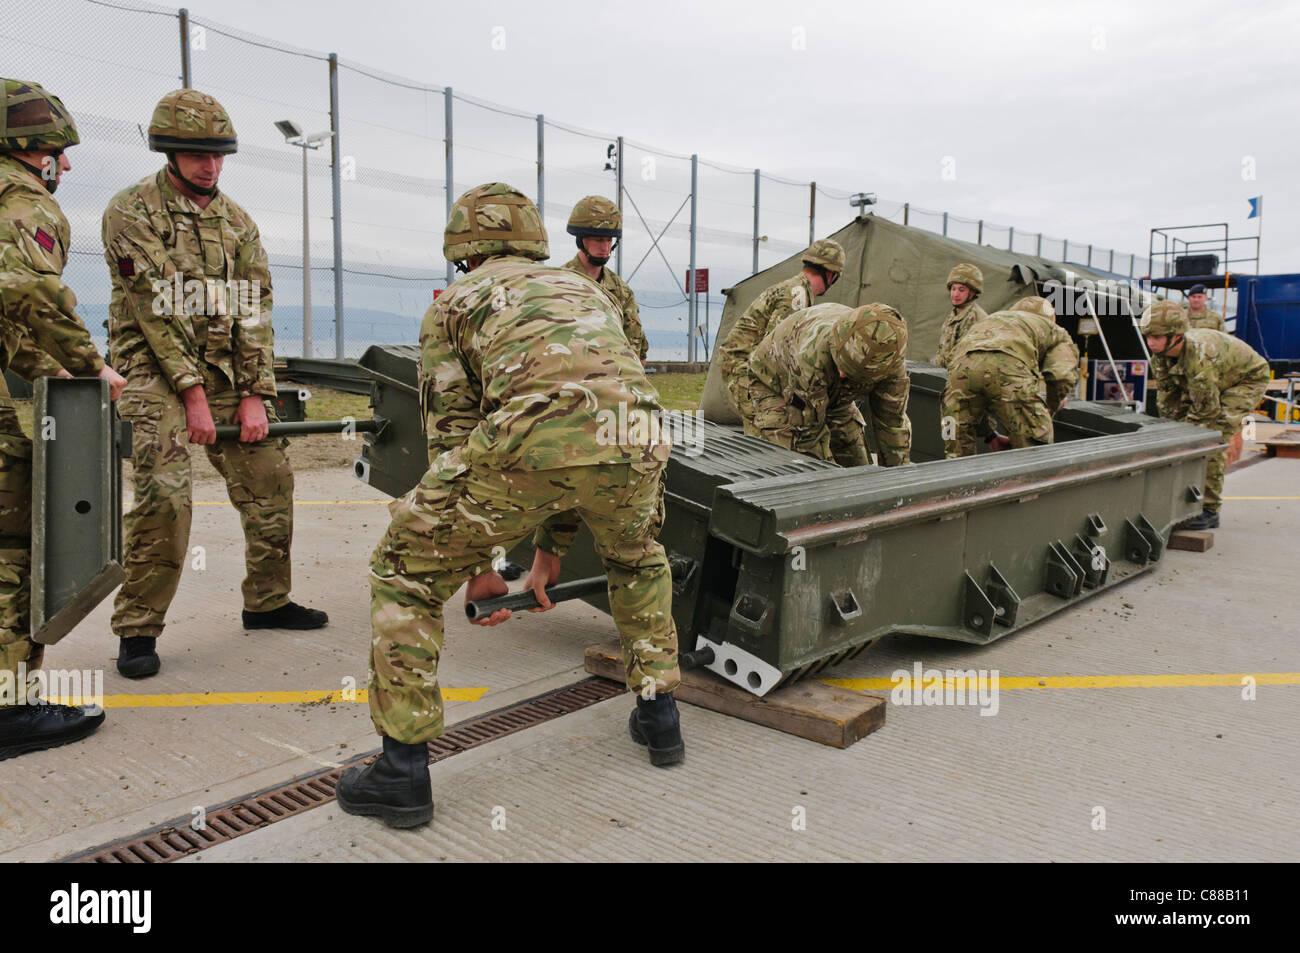 Soldats assembler un ponton mobile en cas de franchissement de lacunes Photo Stock